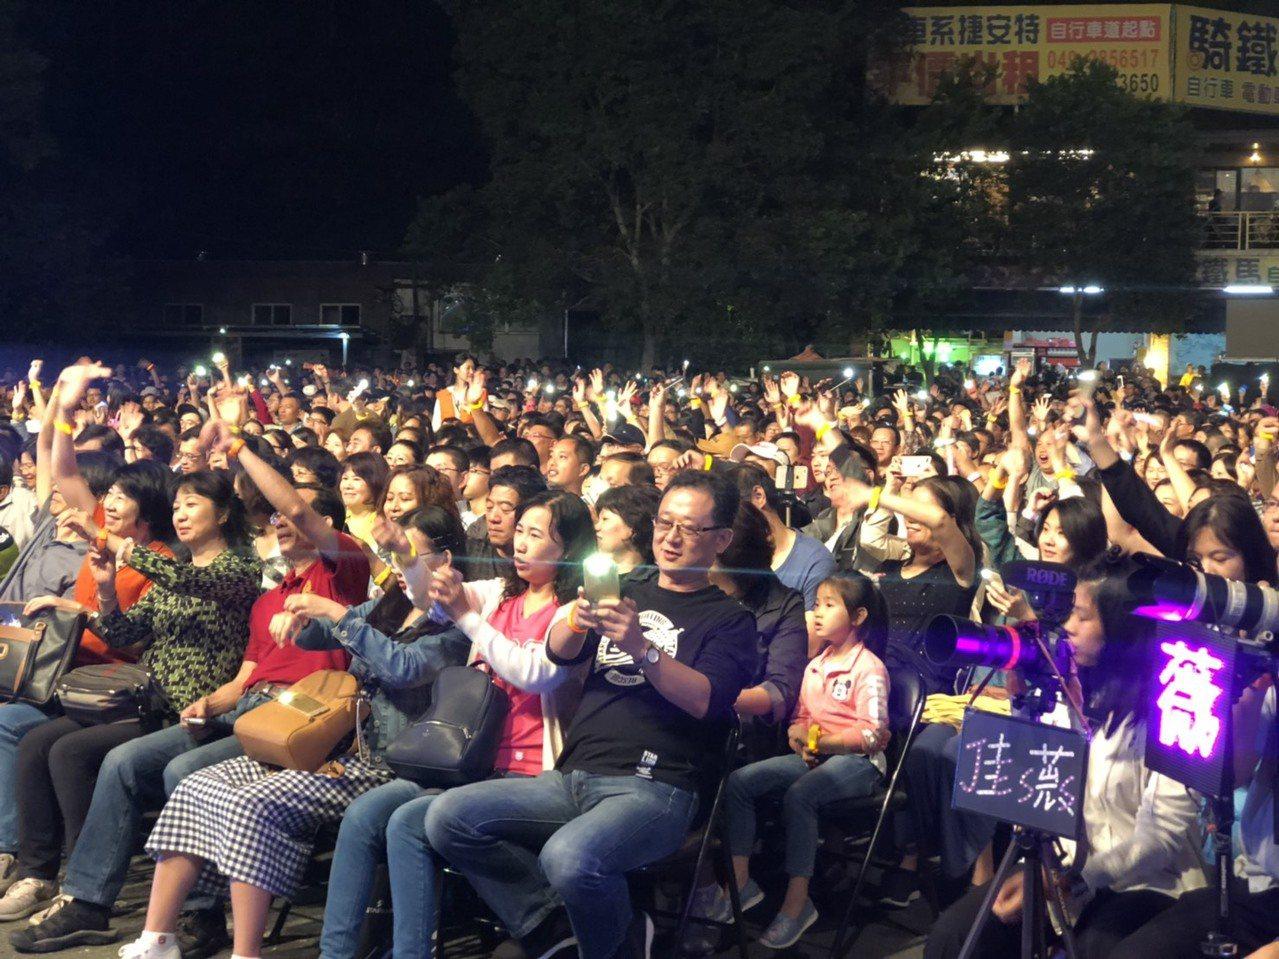 日月潭花火音樂會今晚吸引近三萬名觀眾,大家伴隨著音樂擺動手中的光環或手機燈光,如...